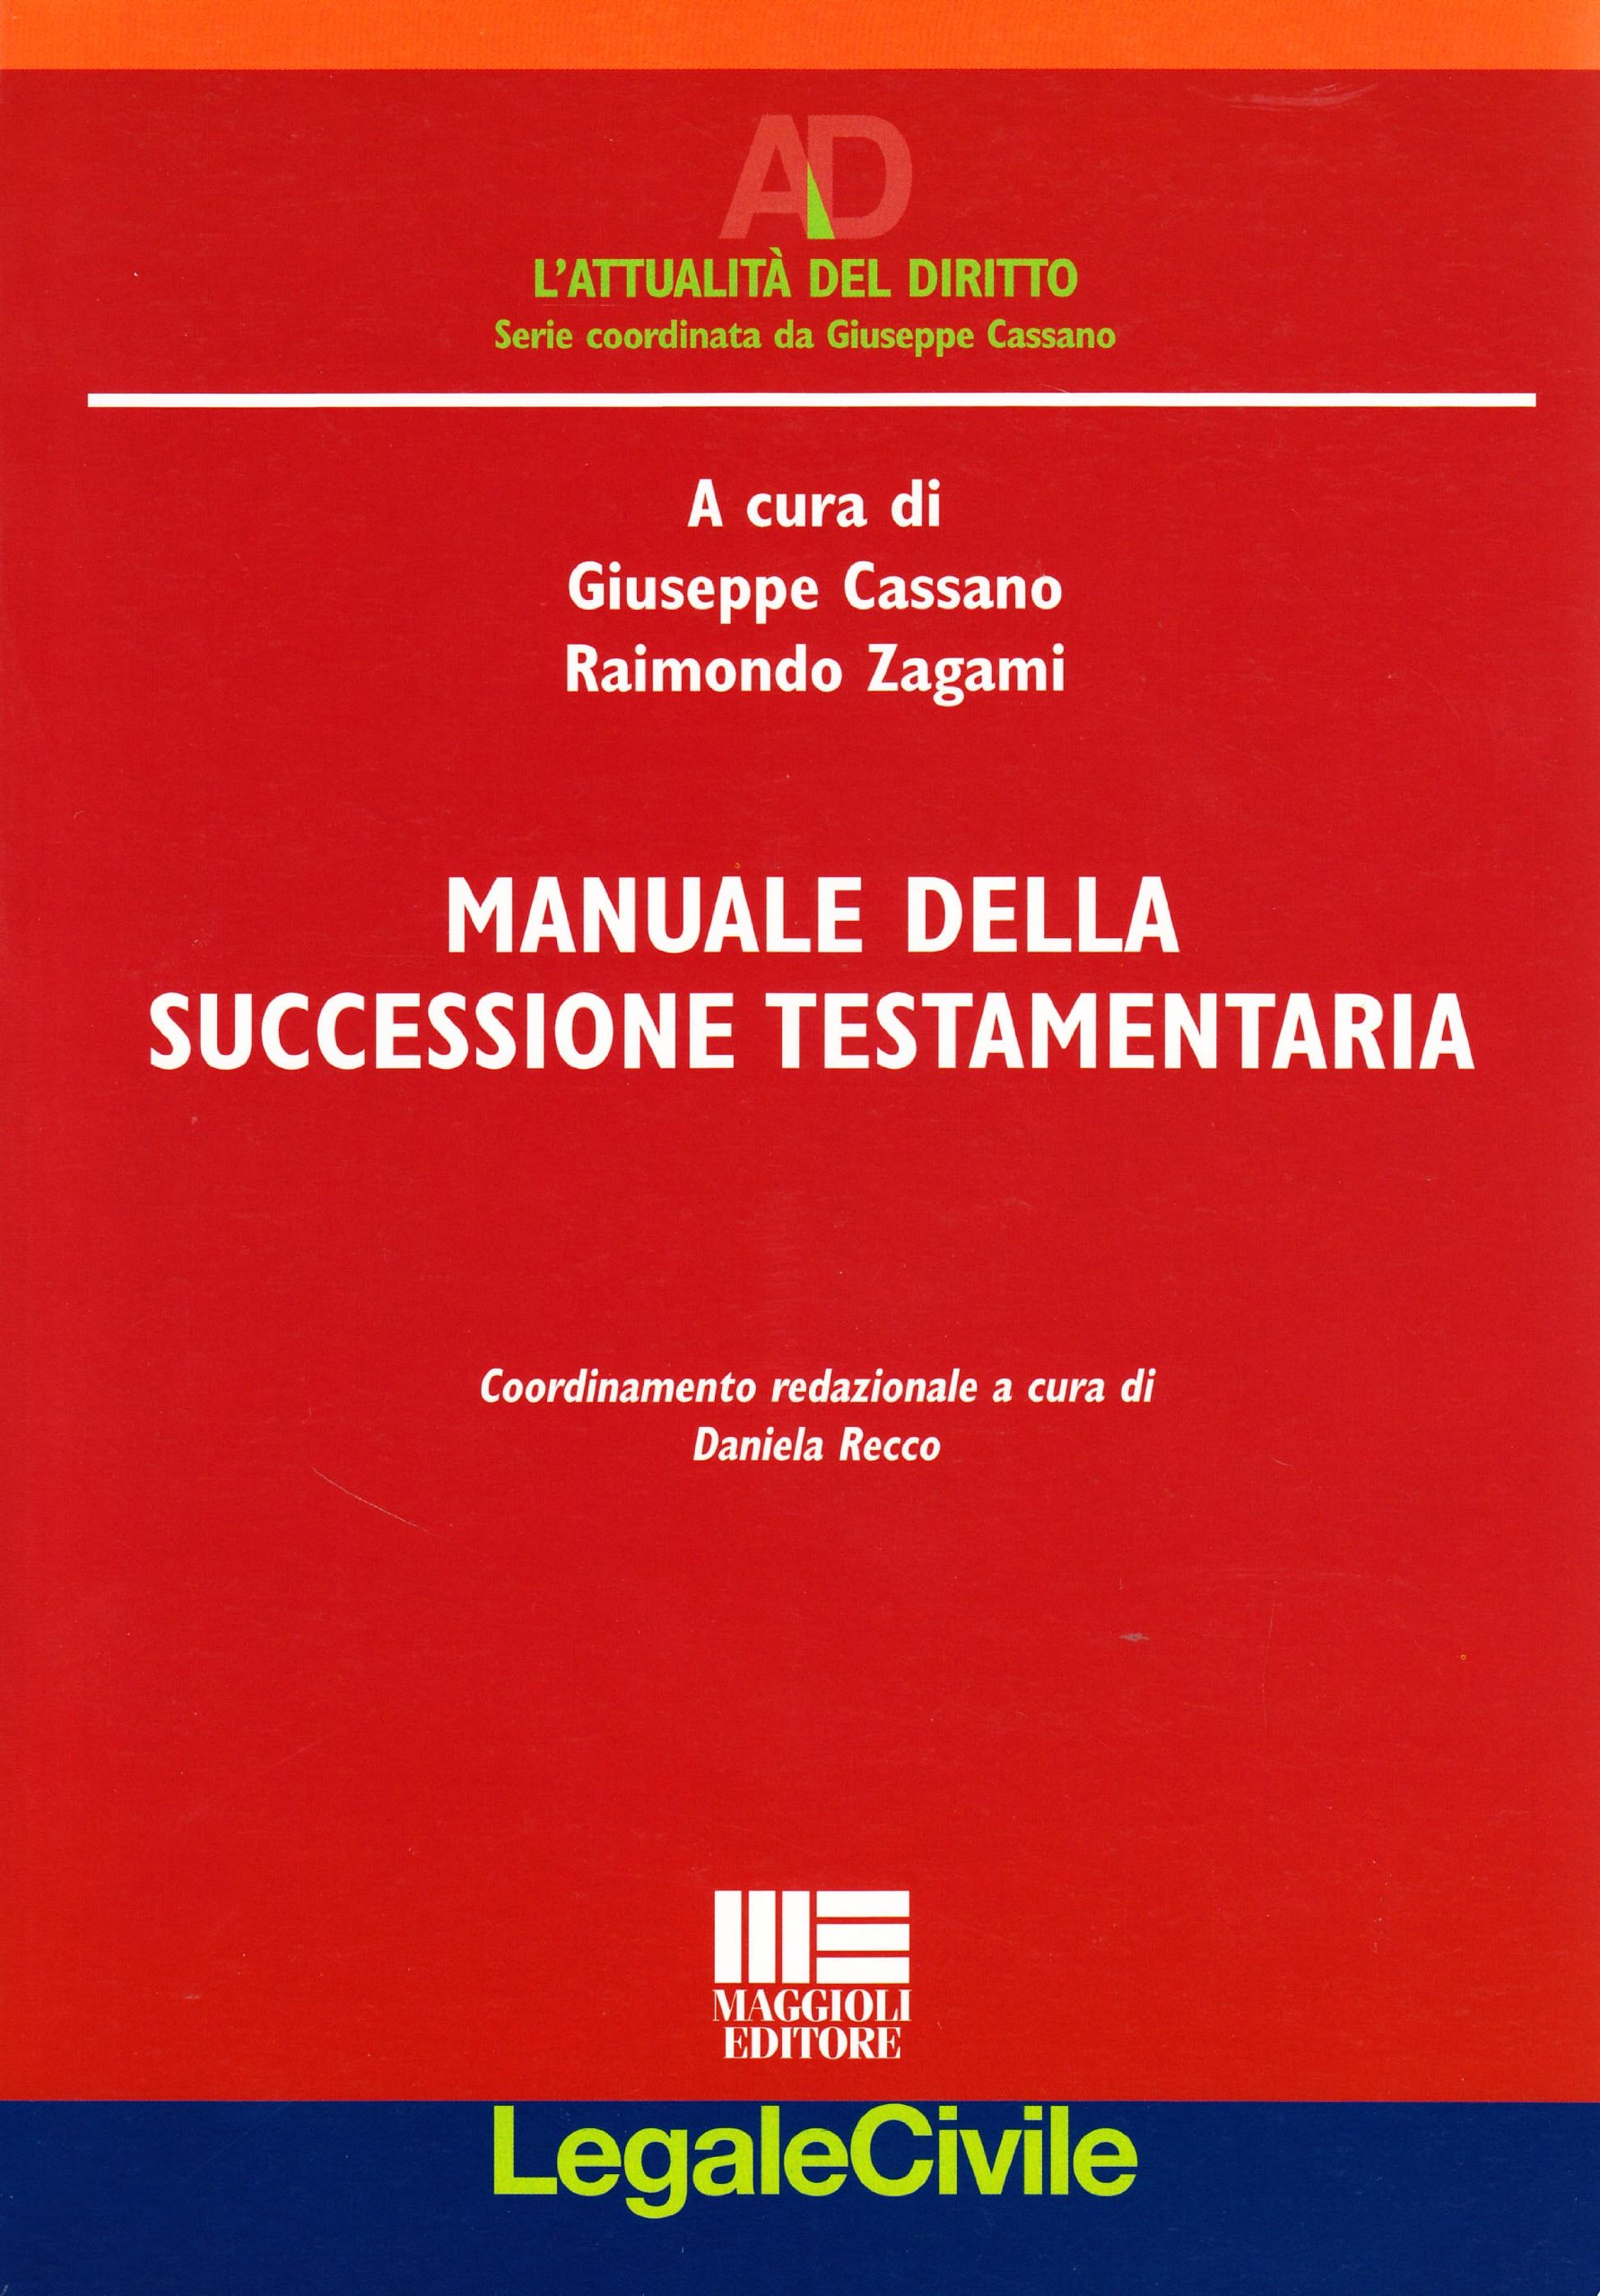 Amazon.it: Manuale Della Successione Testamentaria   G. Cassano, R. Zagami    Libri